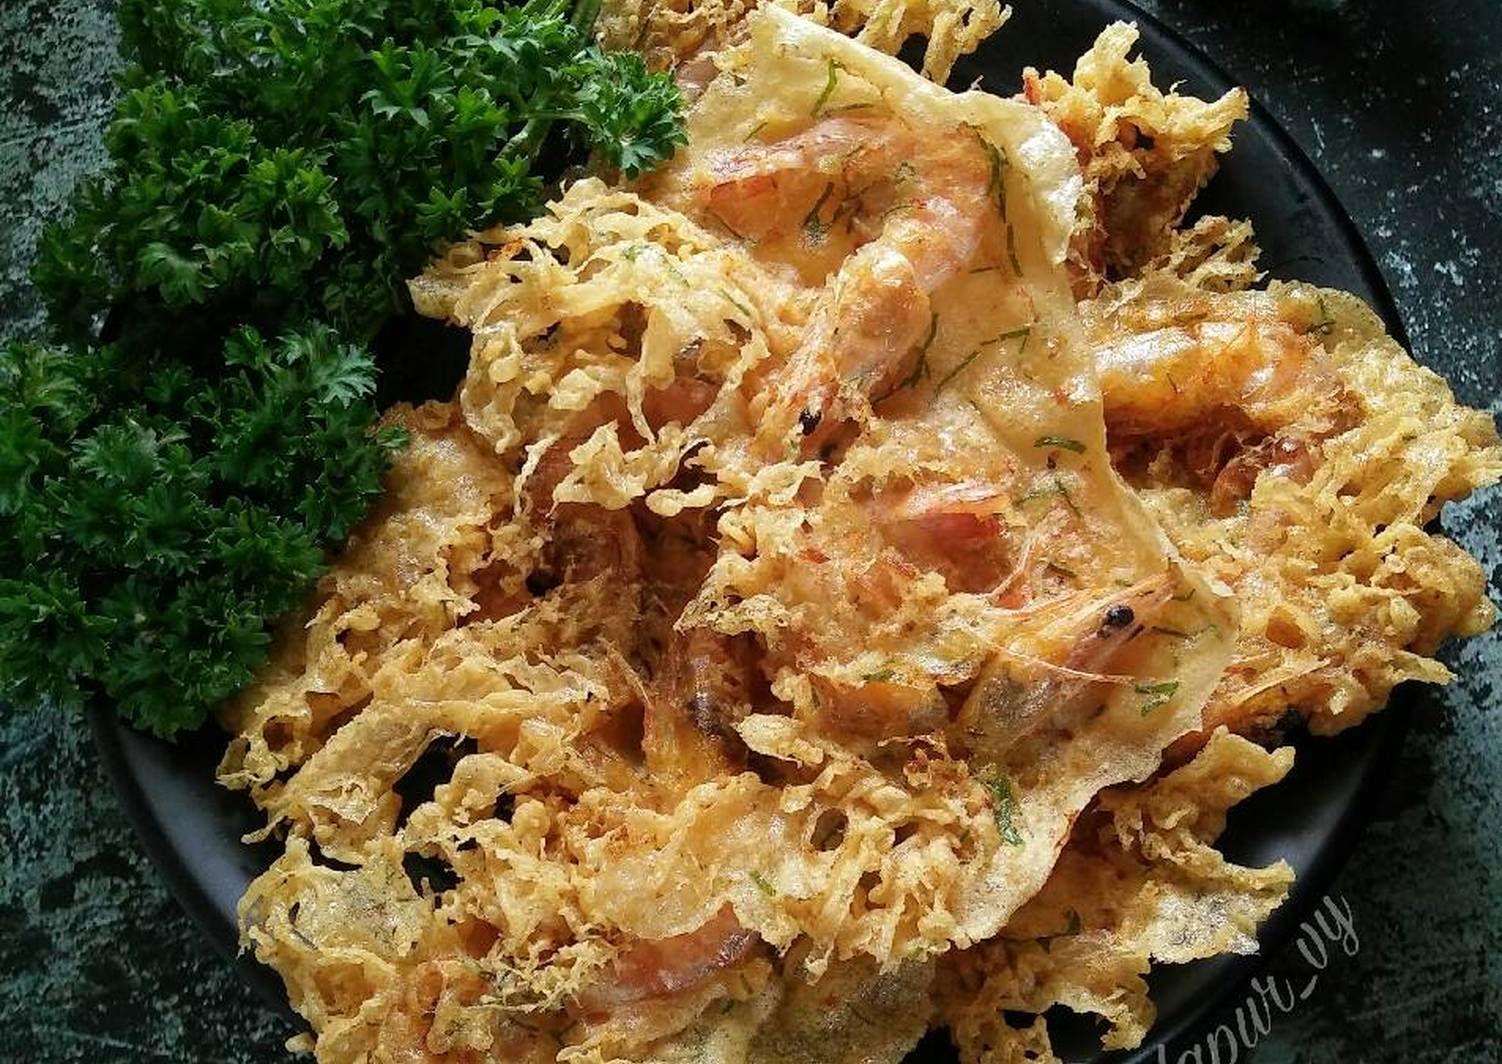 Resep Peyek Udang Rm Padang Awet Kriuknya Oleh Dapurvy Resep Makan Malam Resep Makanan Sehat Resep